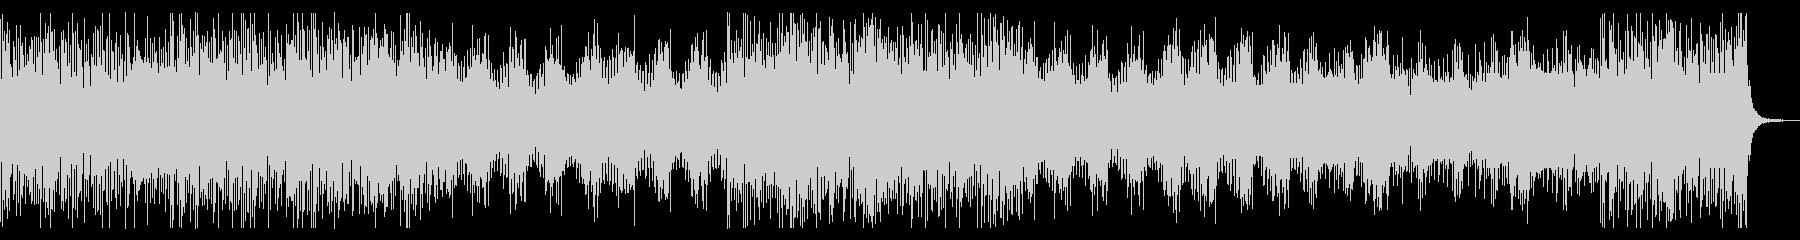 ベース主導のシリアスでダークな曲の未再生の波形